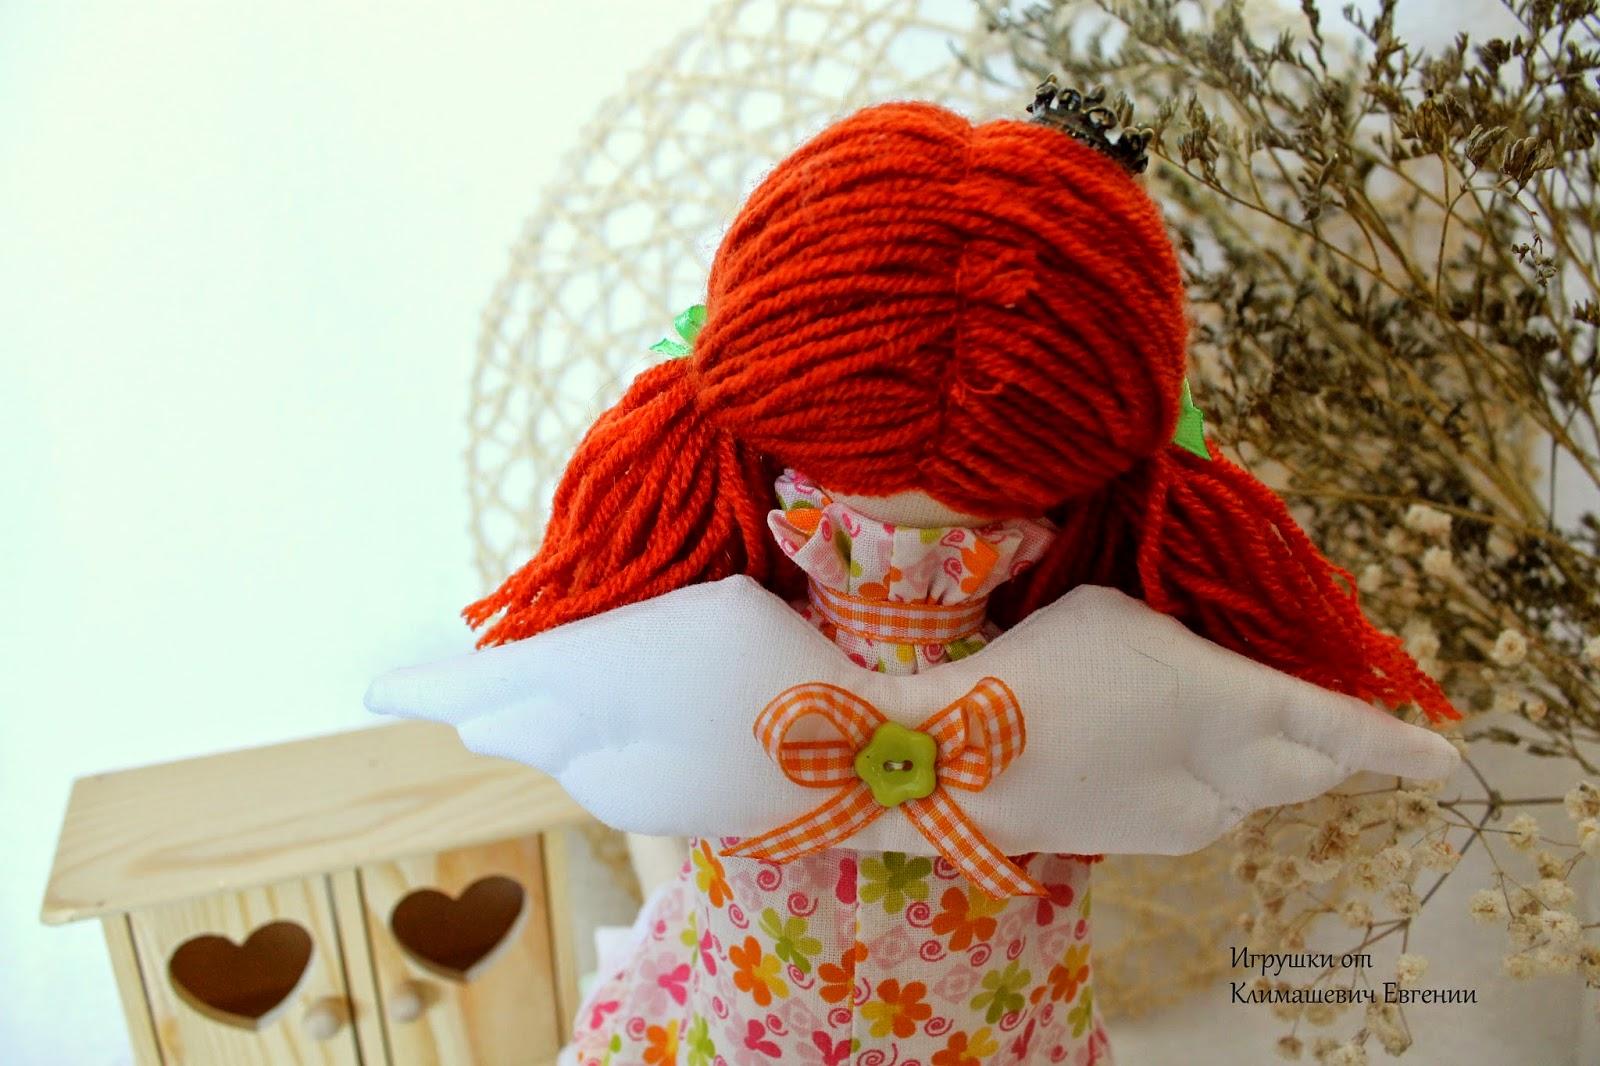 Принцесса на горошине, тильда принцесса, кукла тильда, рыжая кукла